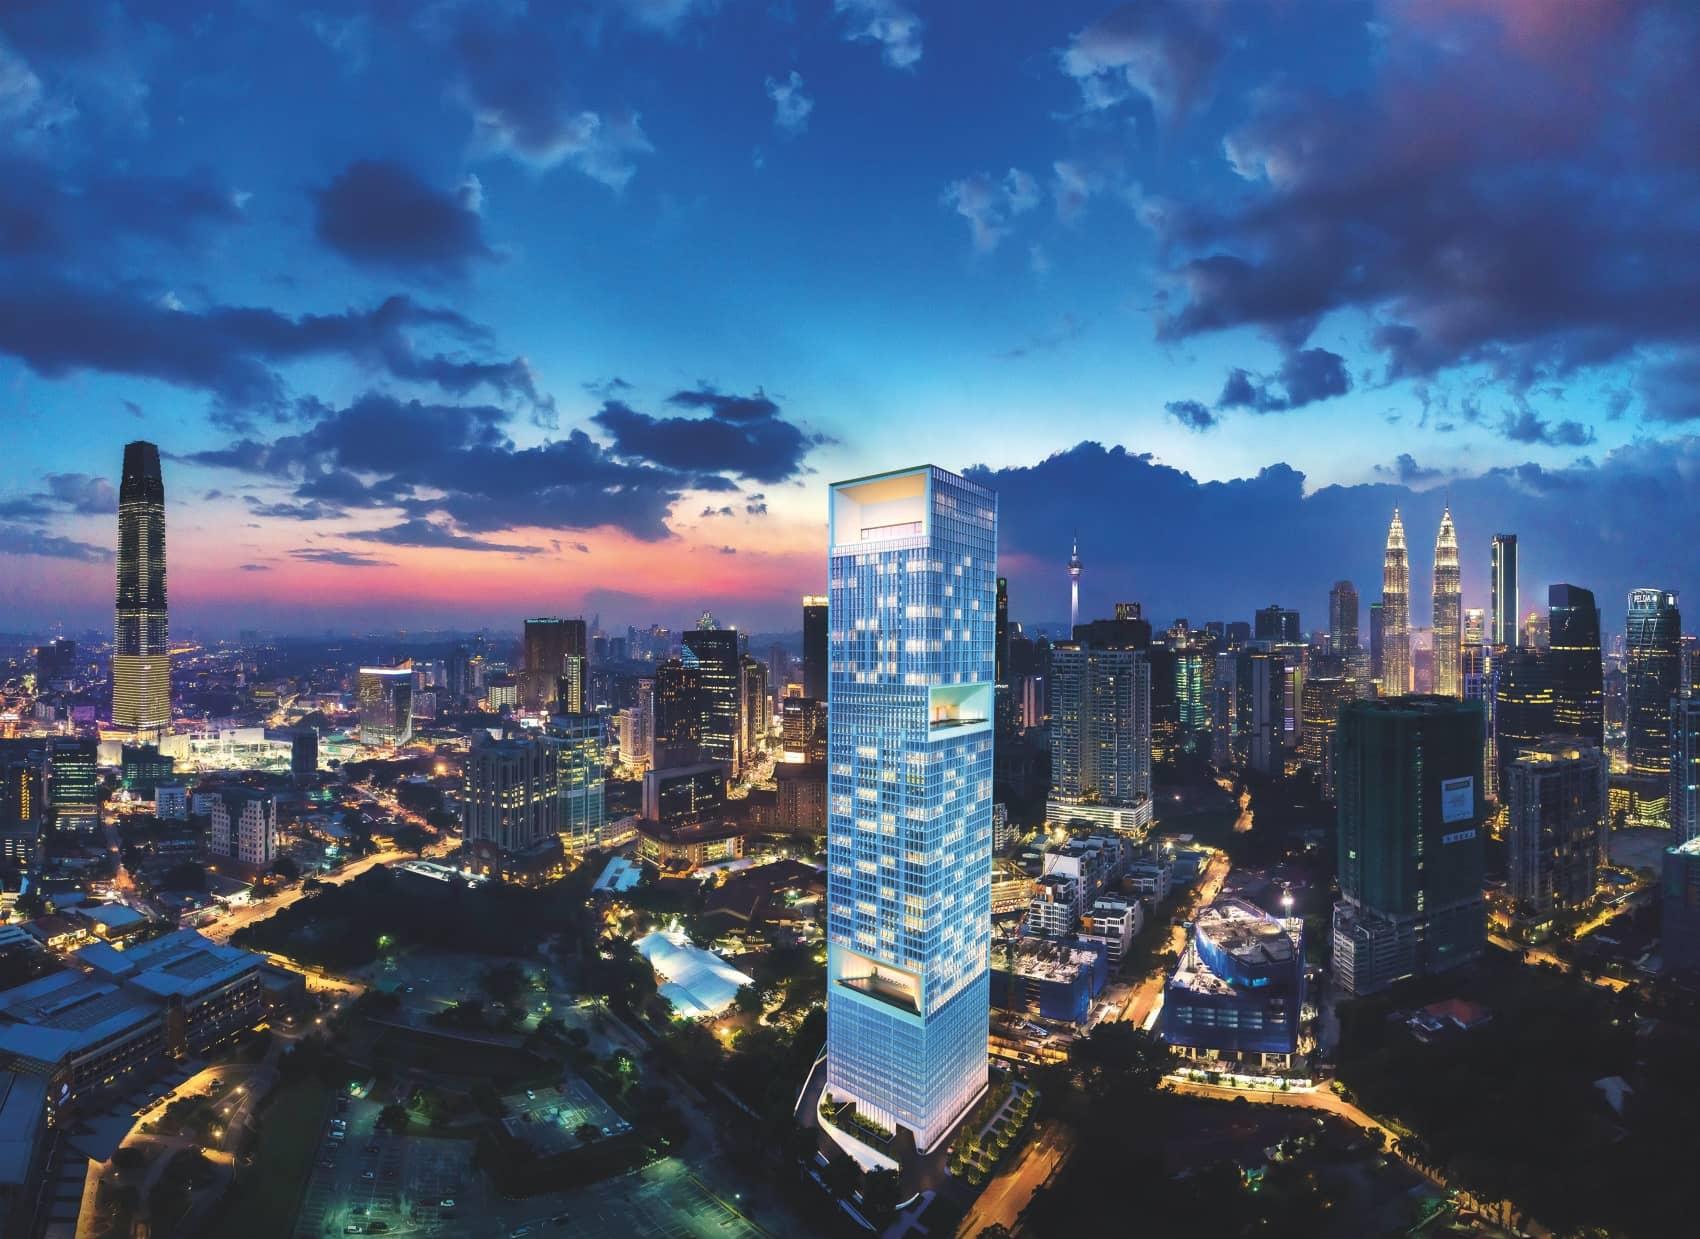 Palace Residence - Conlay, Kuala Lumpur, Malaysia